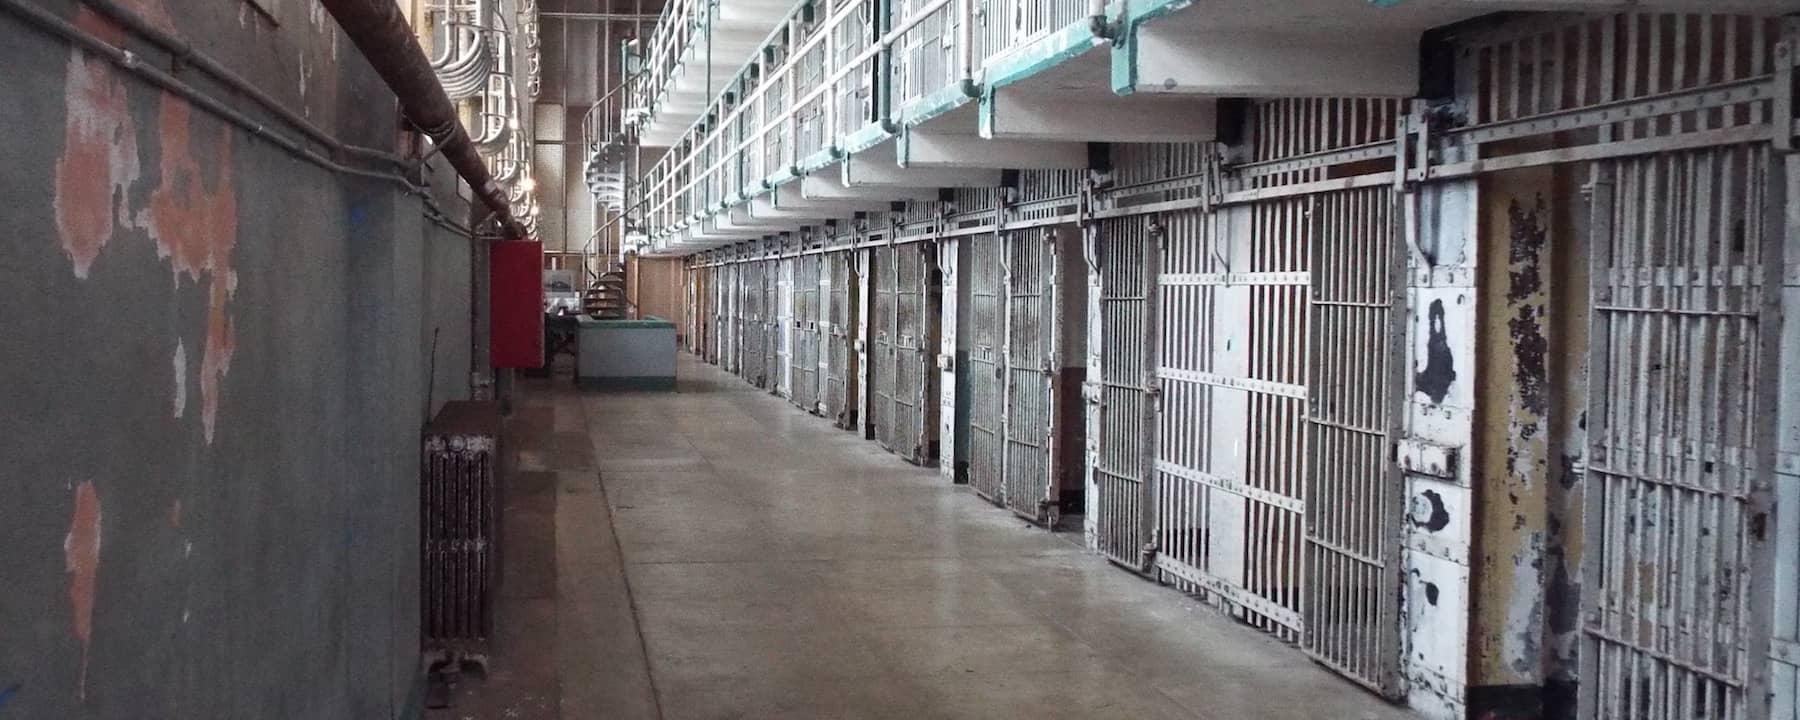 San Francisco and Alcatraz Island Prison Trip